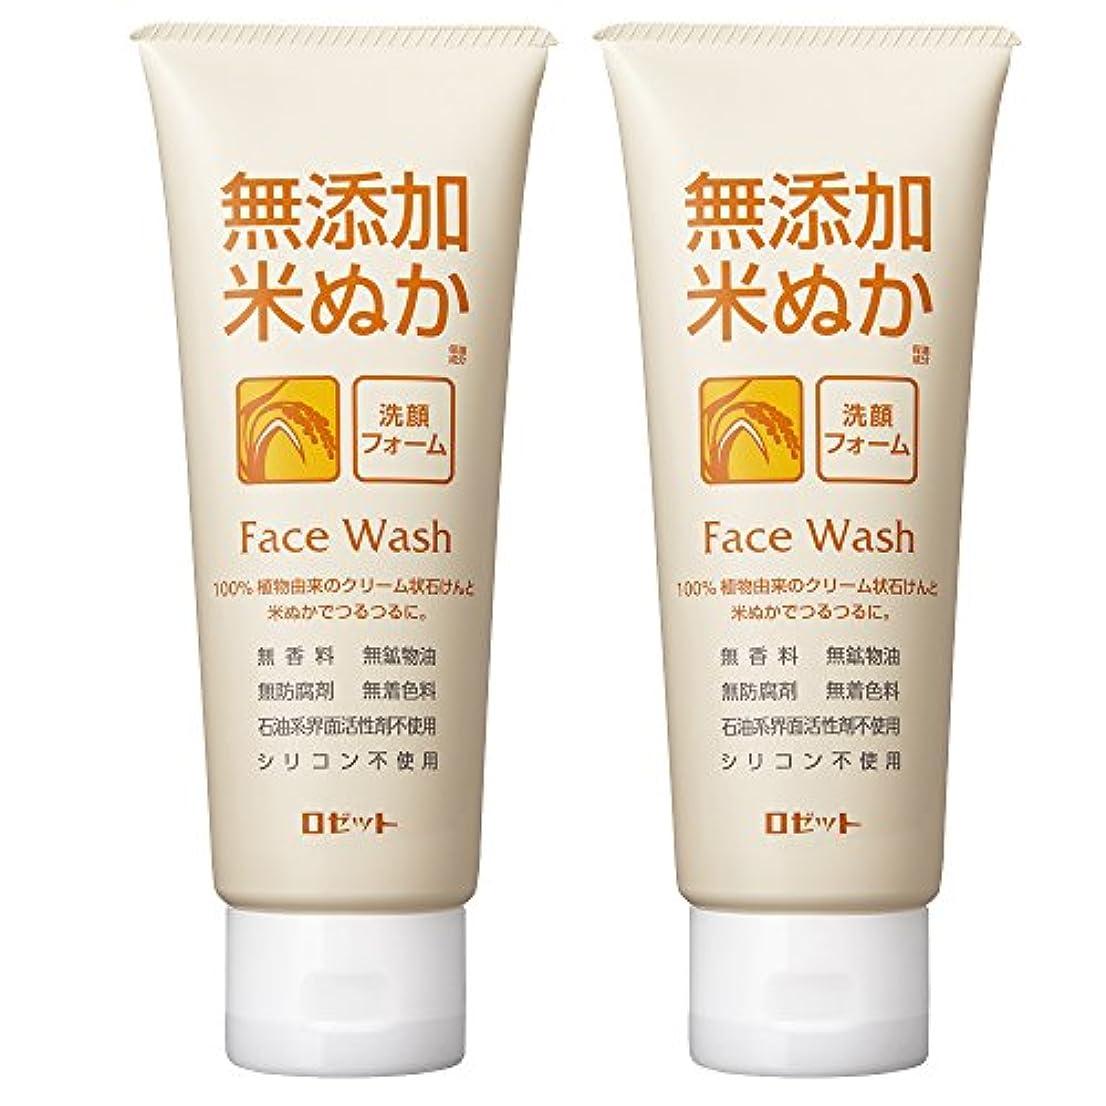 アーネストシャクルトン豊富に処方するロゼット 無添加米ぬか 洗顔フォーム 140g×2個パック AZ